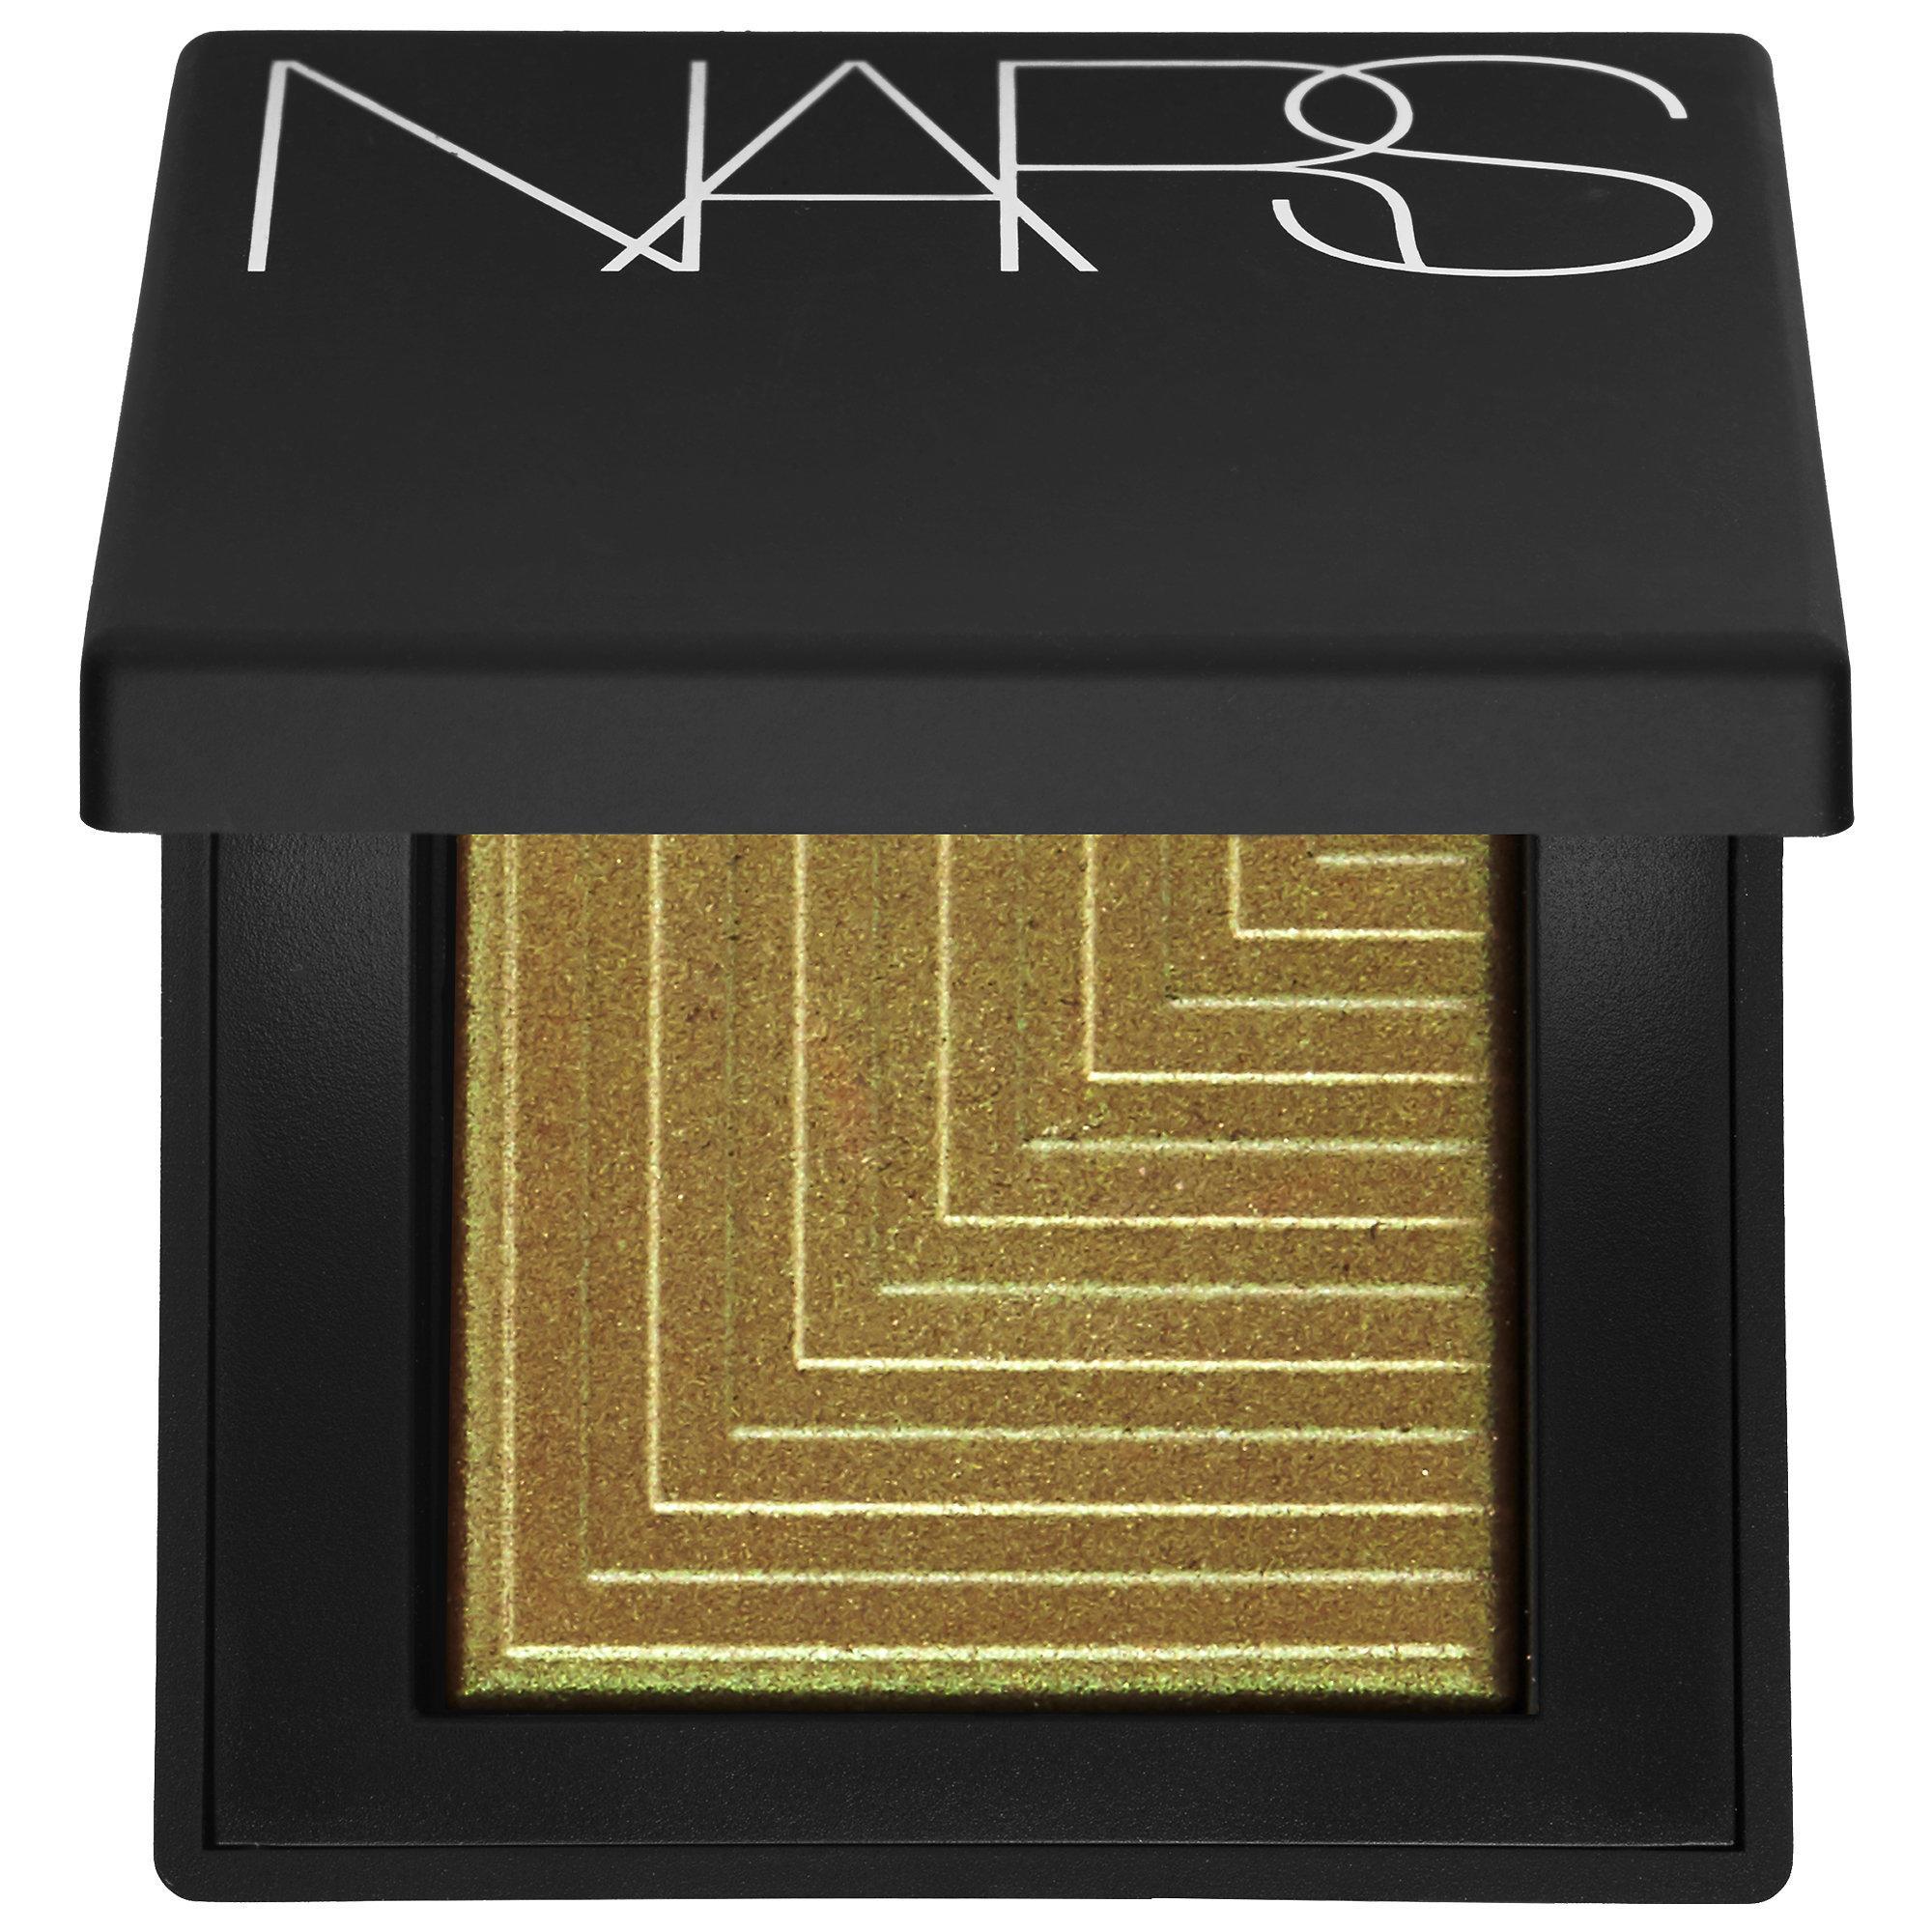 NARS Dual-Intensity Eyeshadow Pasiphae